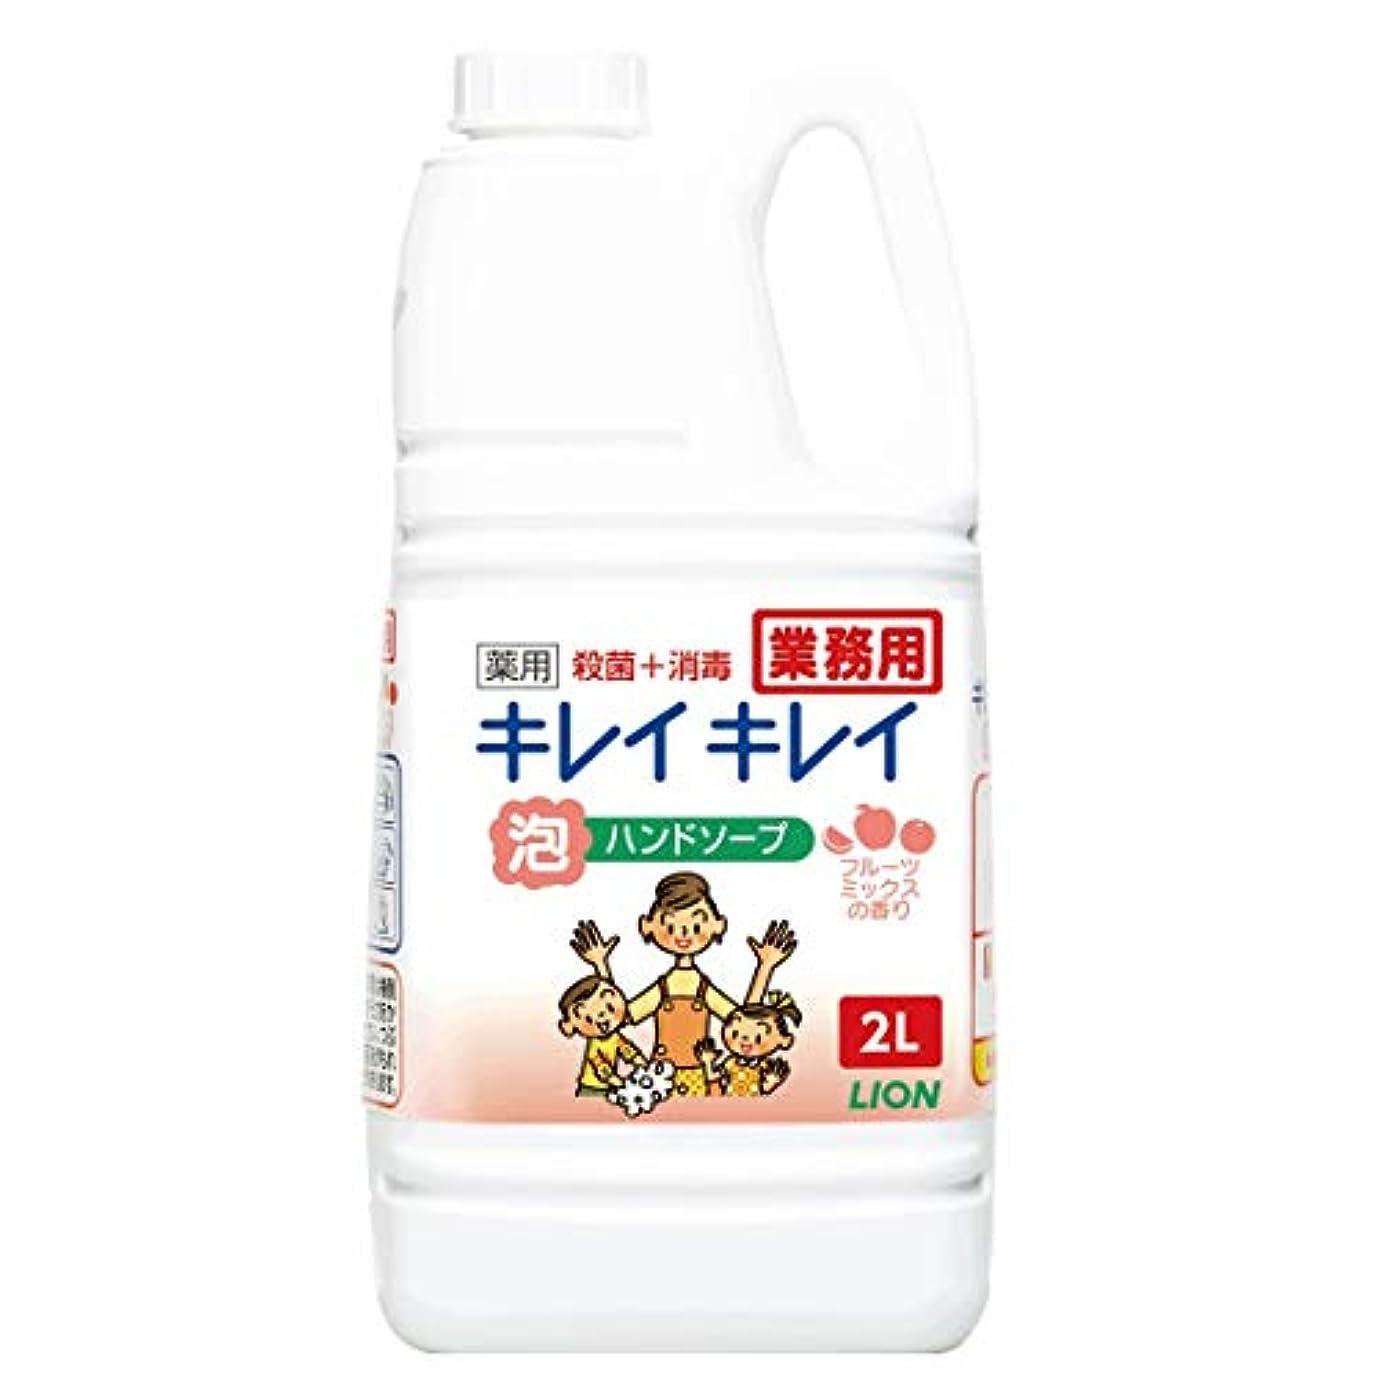 効率ブレイズカウントアップ【大容量】キレイキレイ 薬用泡ハンドソープ フルーツミックスの香り 2L